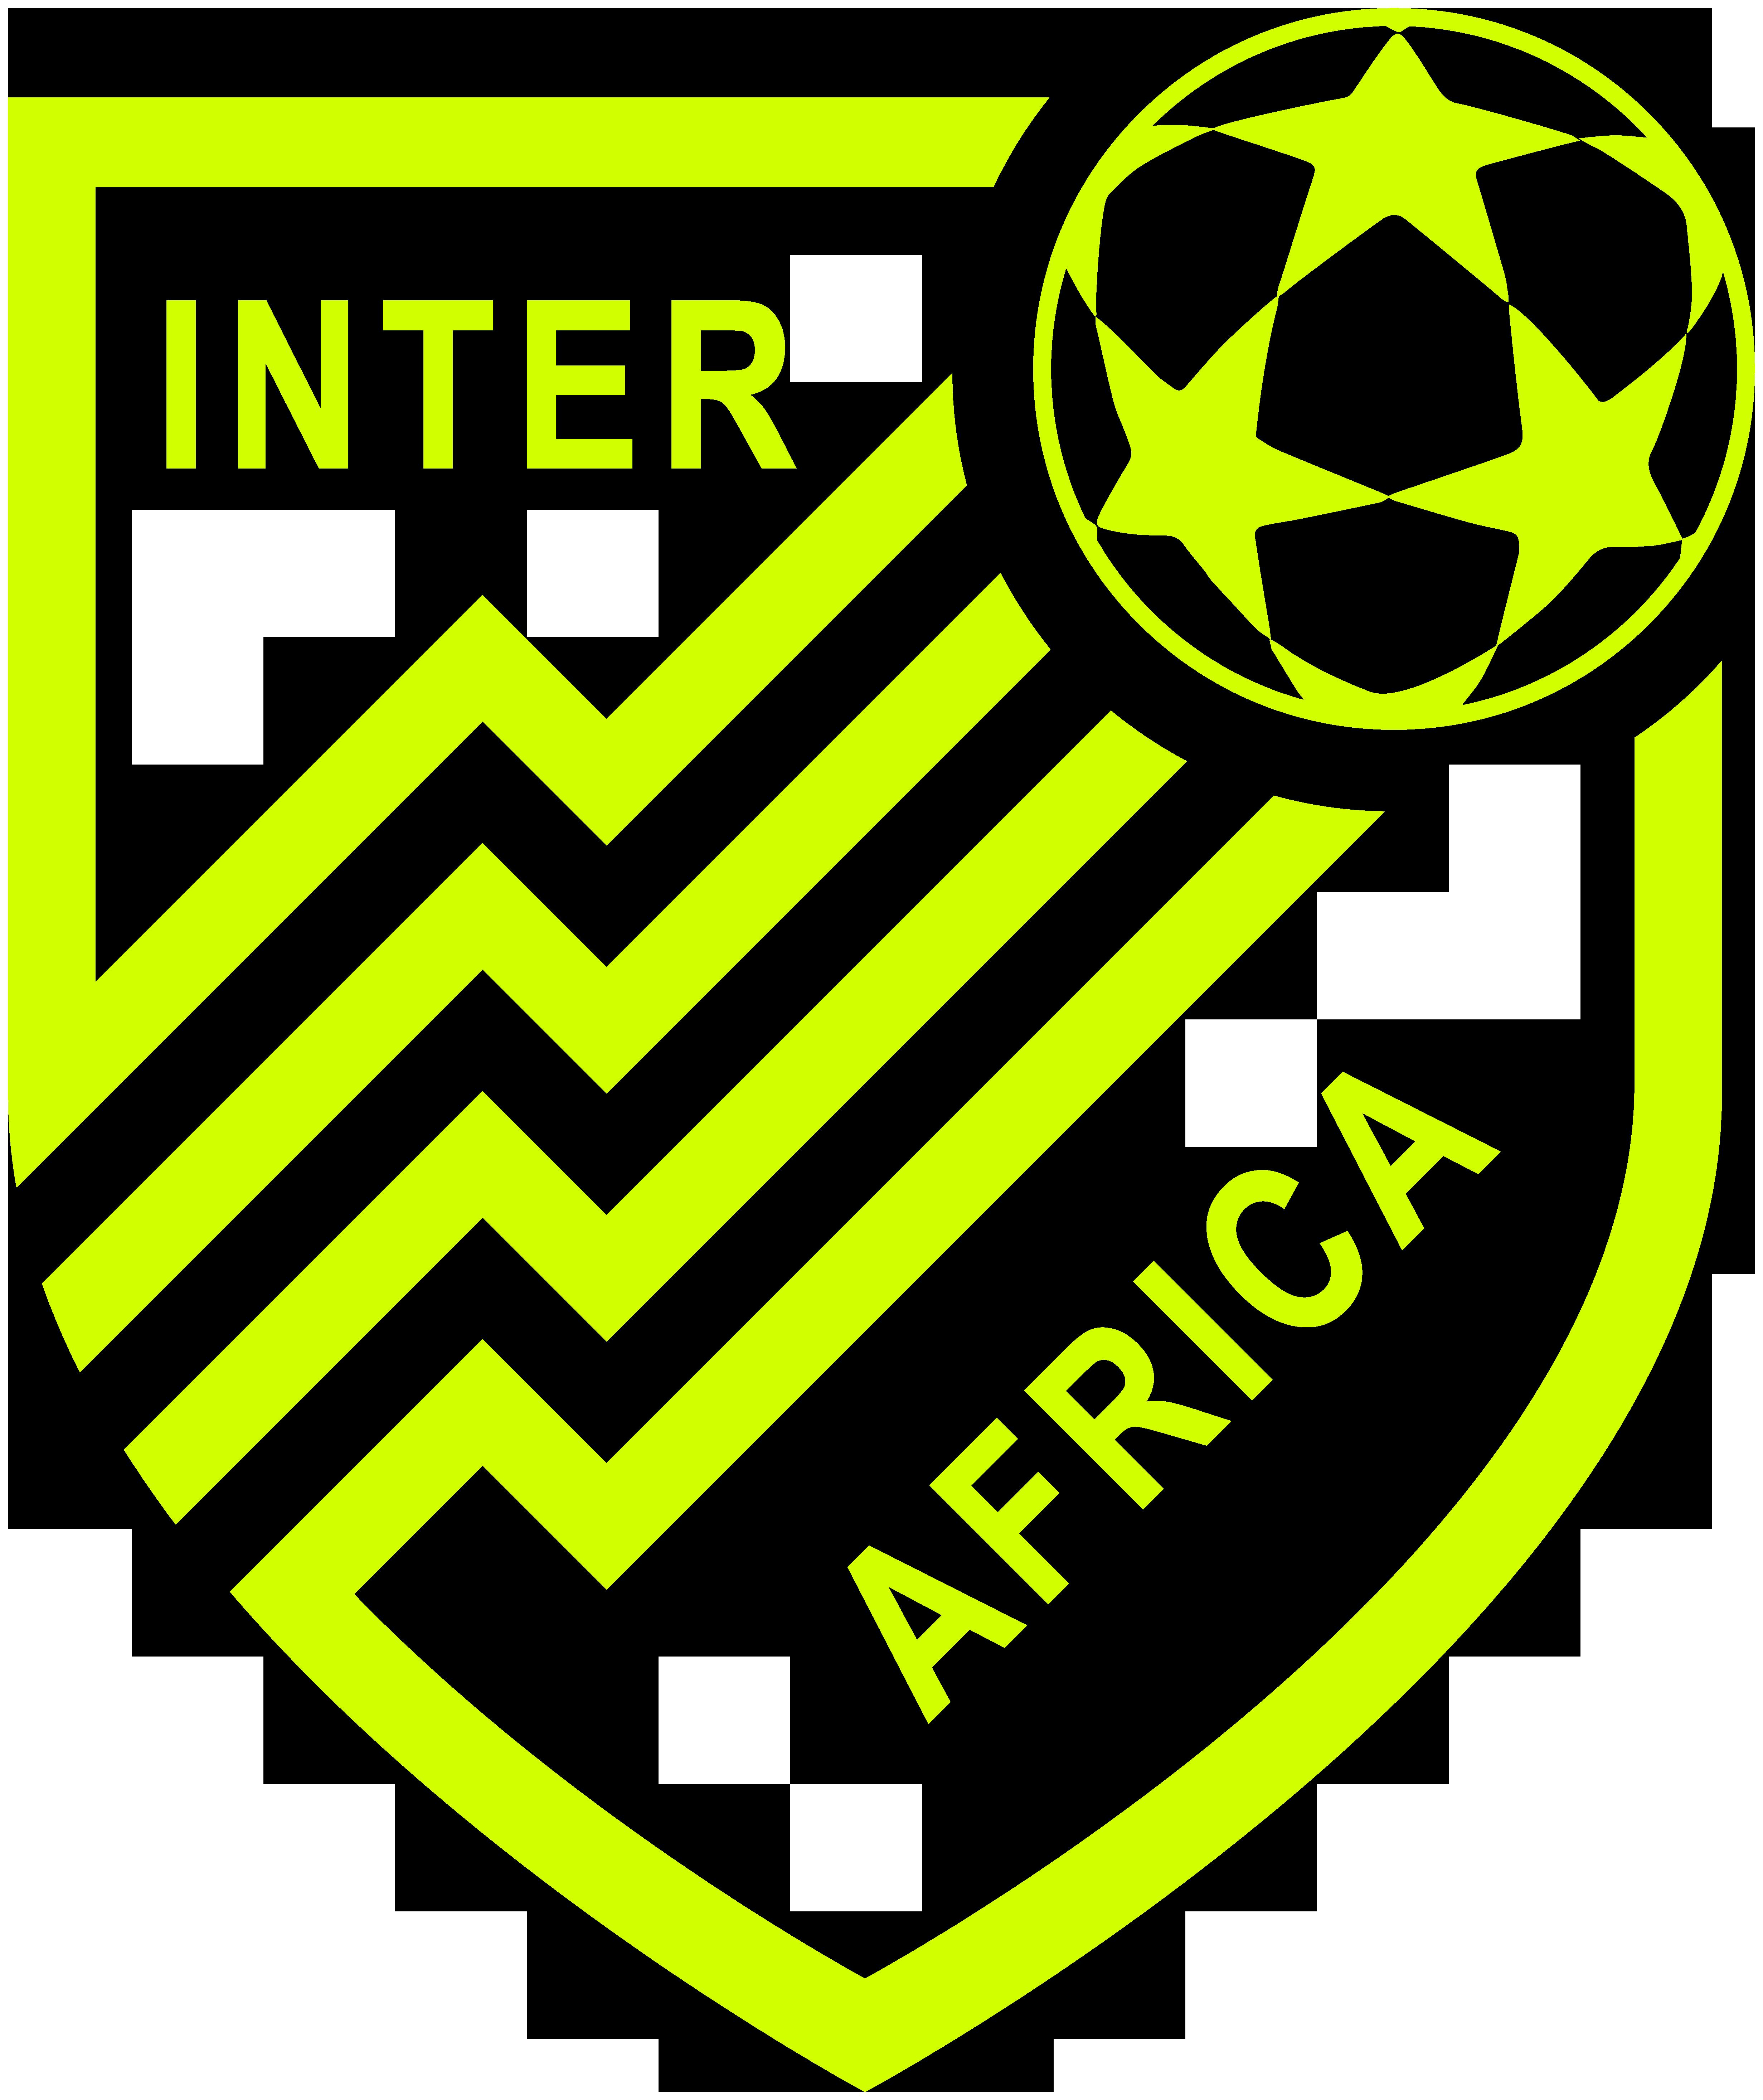 Inter Africa Football Academy